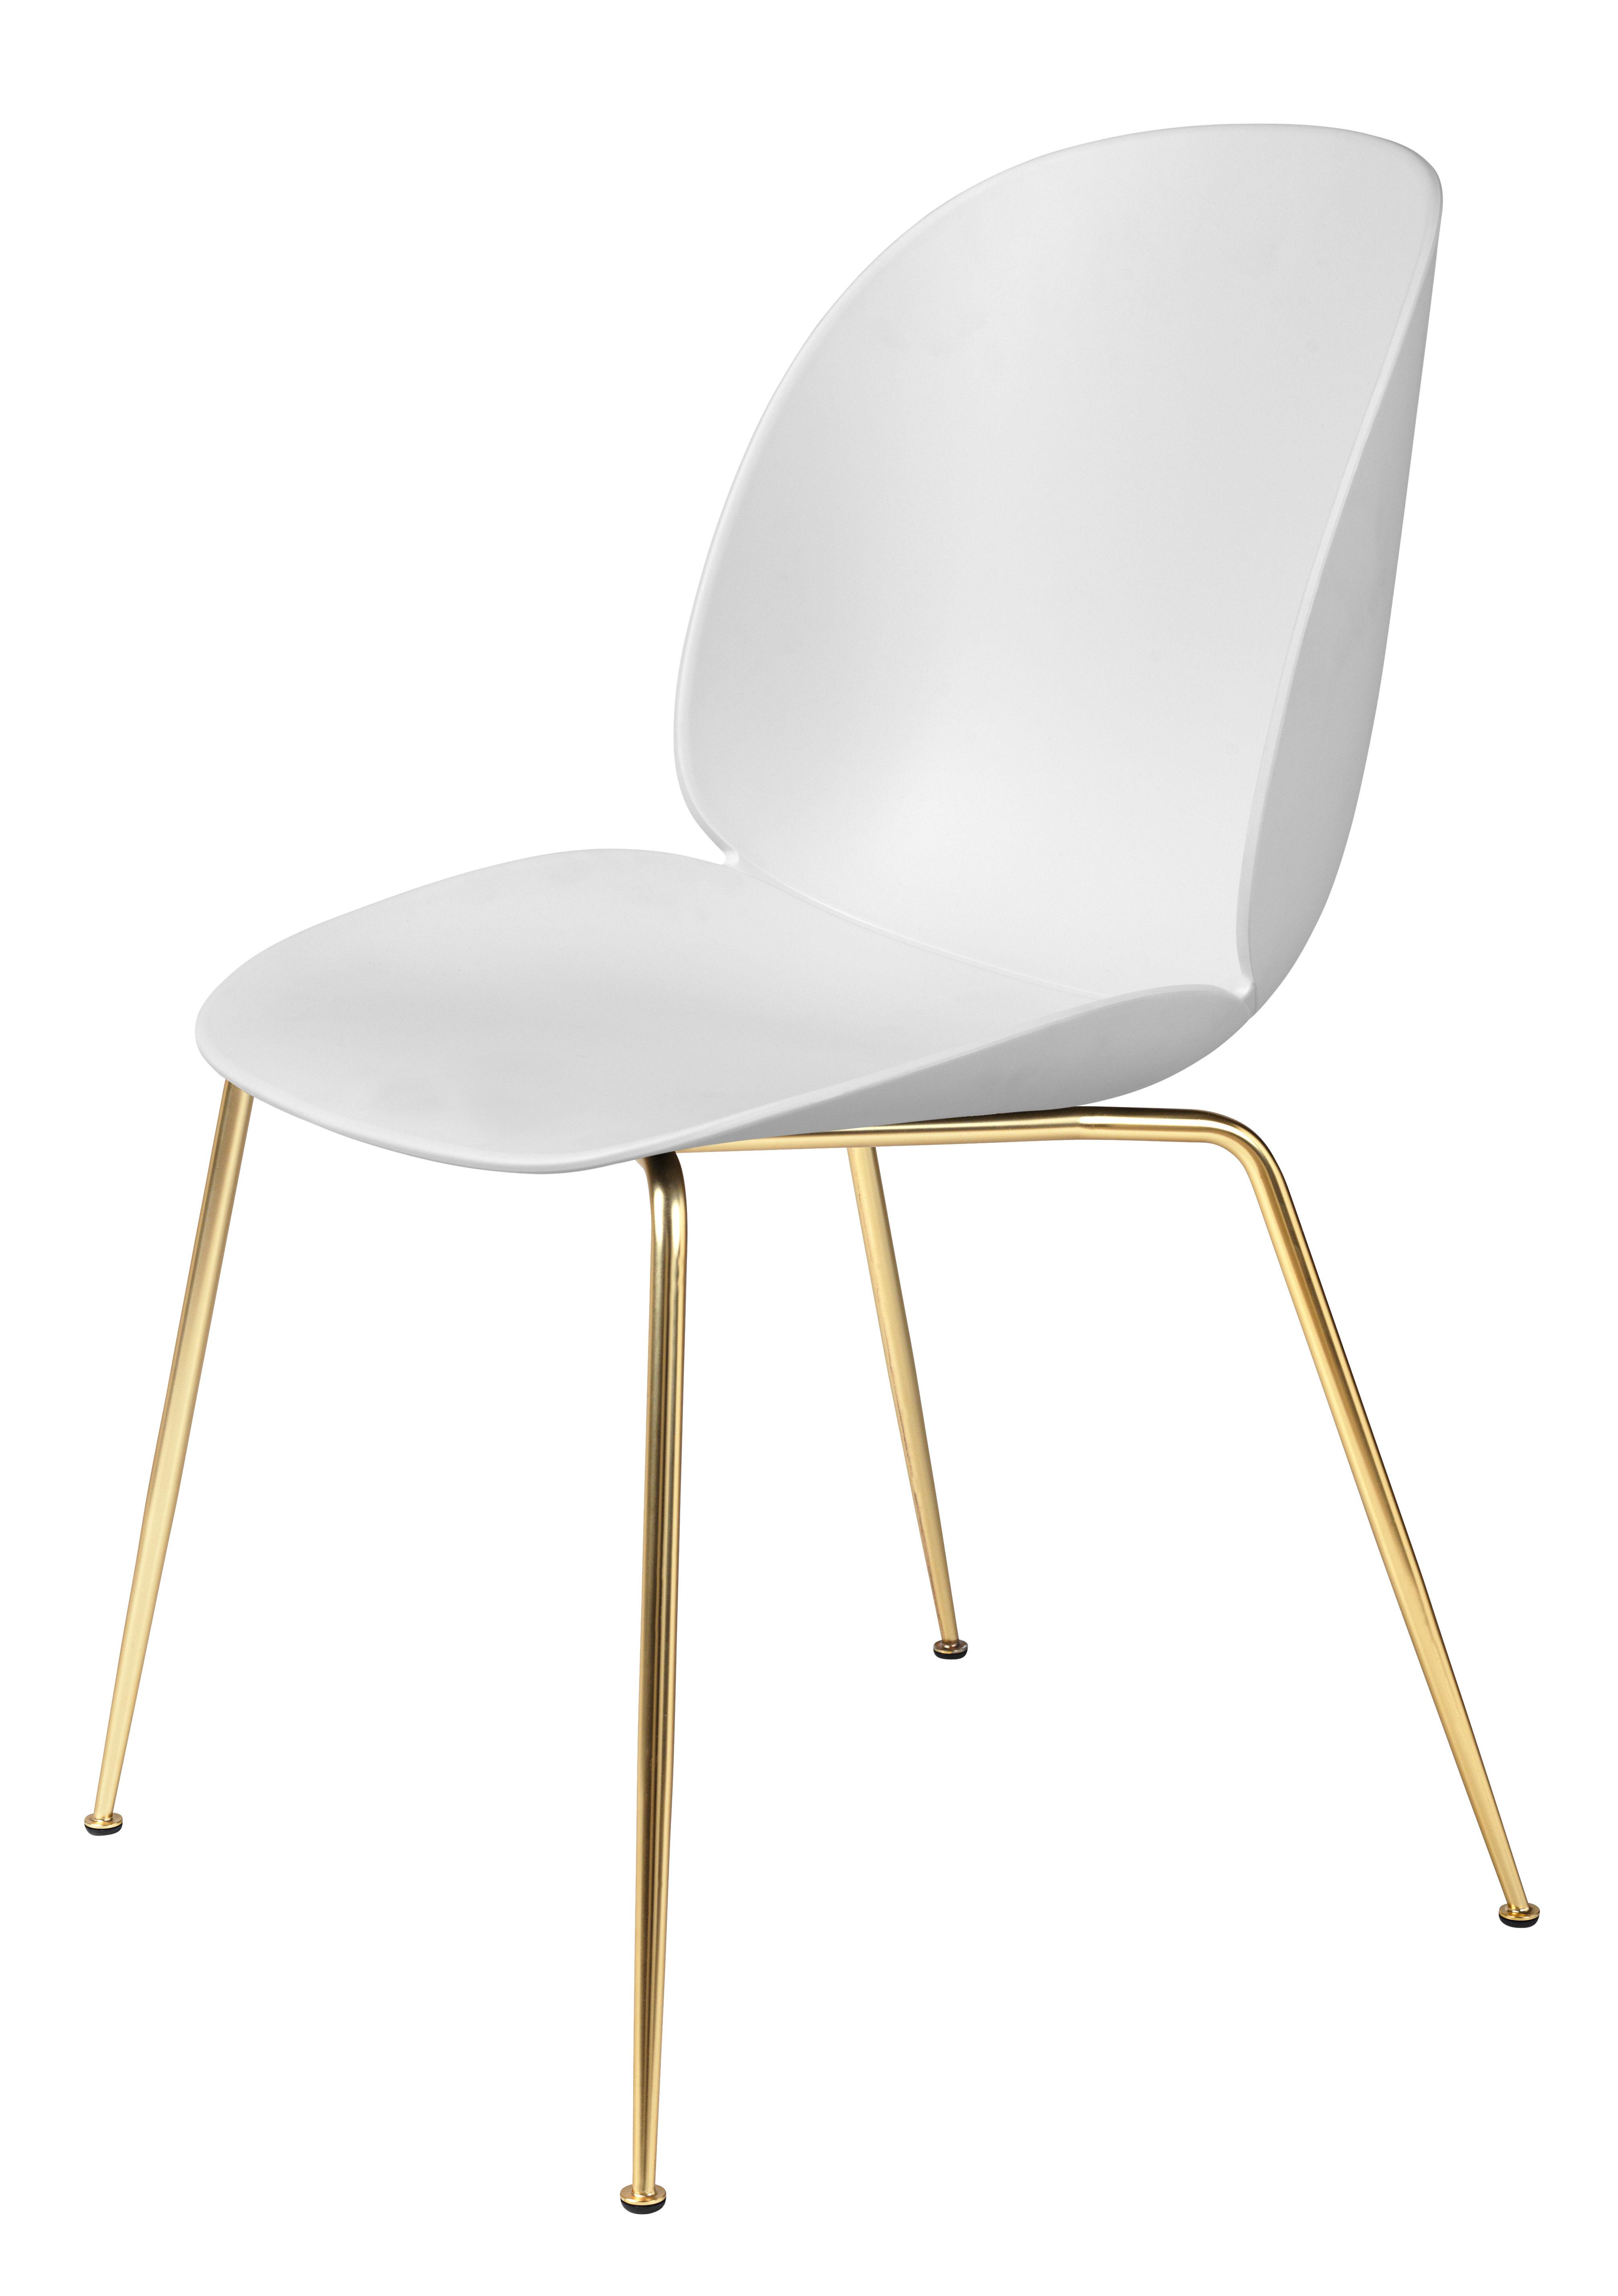 Mobilier - Chaises, fauteuils de salle à manger - Chaise Beetle / Gamfratesi - Pieds laiton - Gubi - Blanc / Pieds laiton - Acier plaqué laiton, Polypropylène